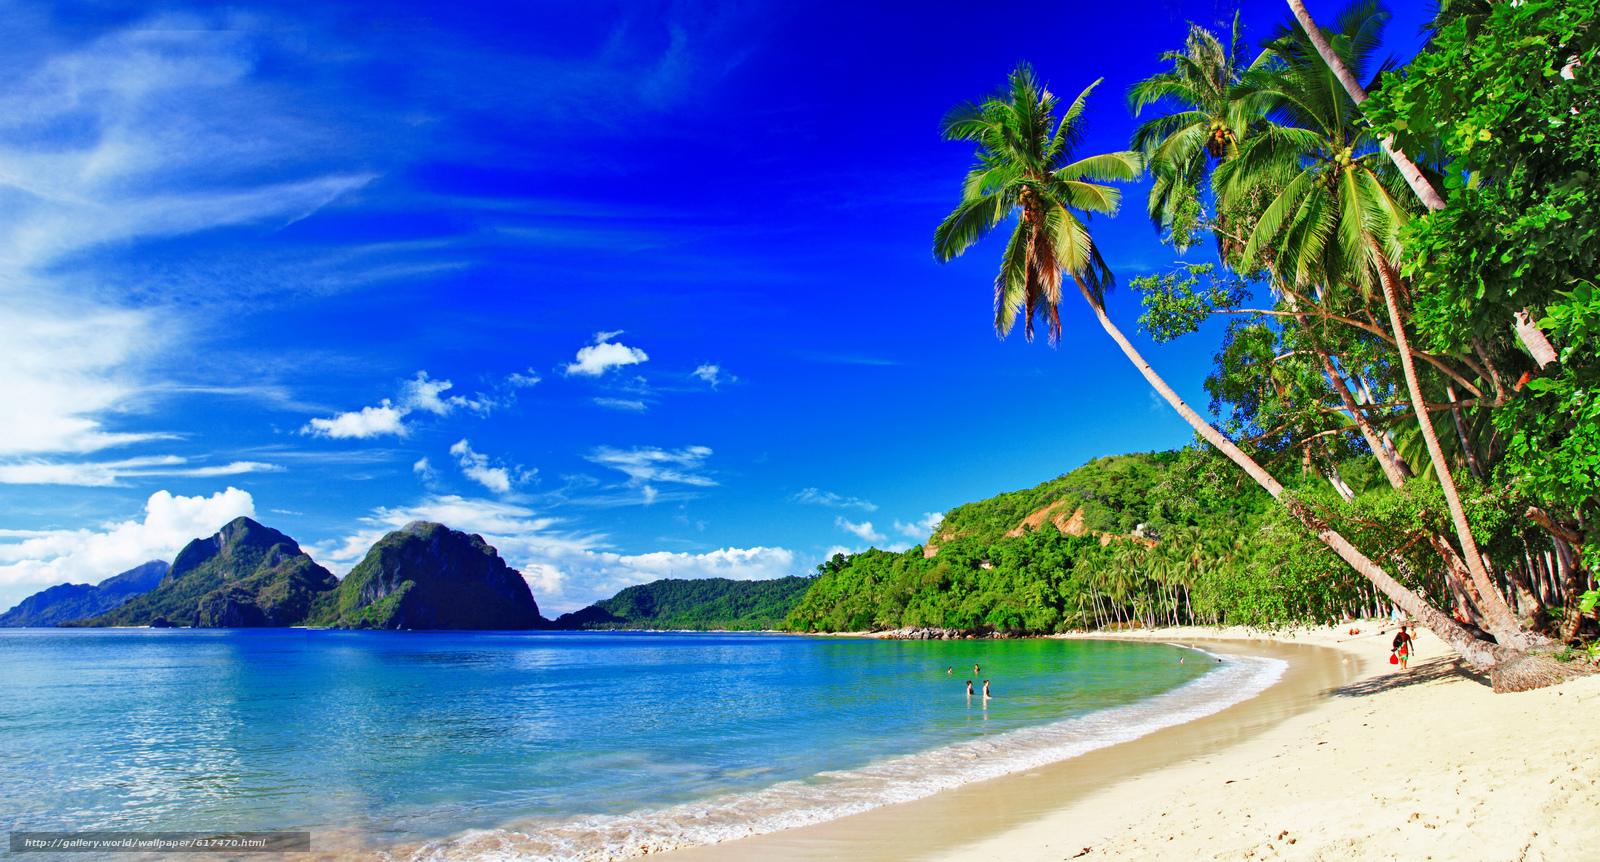 Скачать обои palms,  coast,  beach,  mountains бесплатно для рабочего стола в разрешении 6948x3744 — картинка №617470